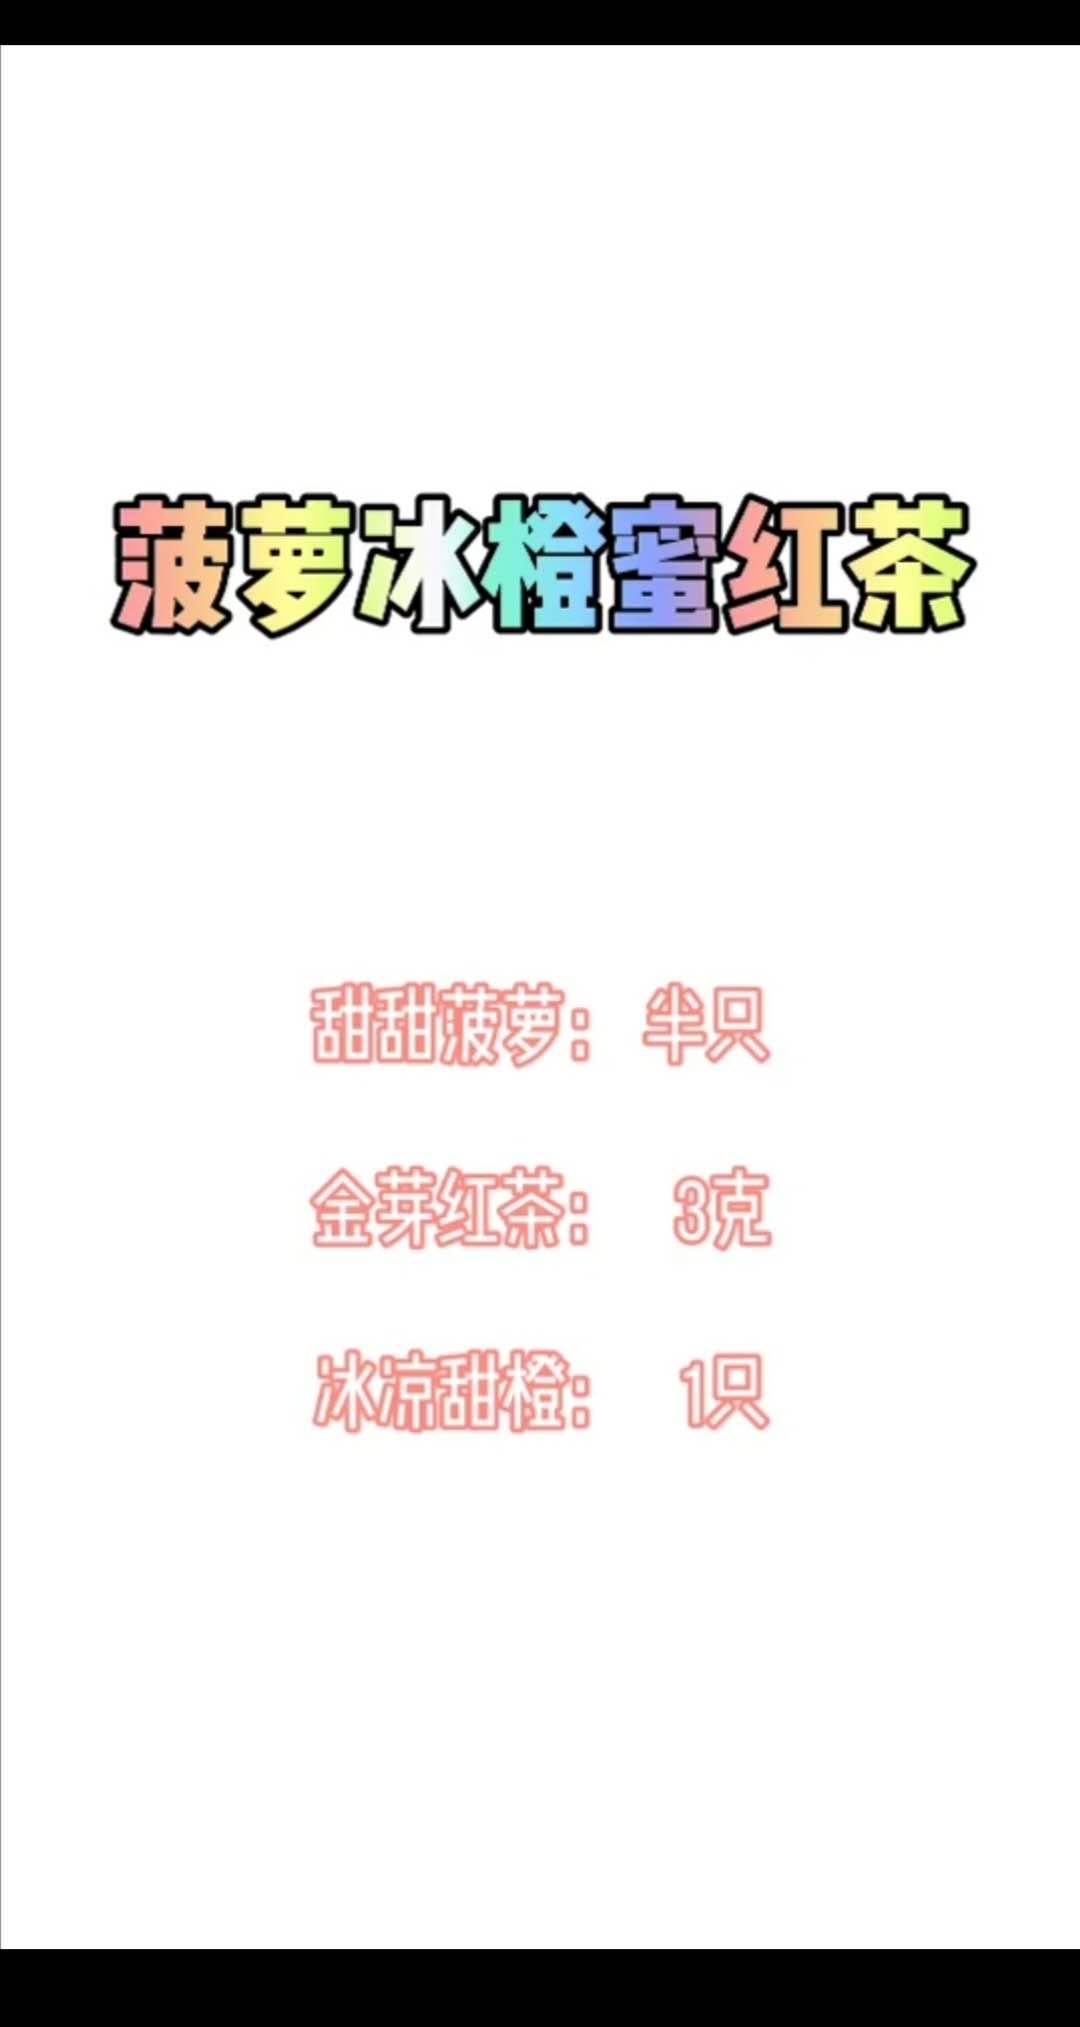 滇红茶红瑞徕菠萝冰橙蜜调饮视频